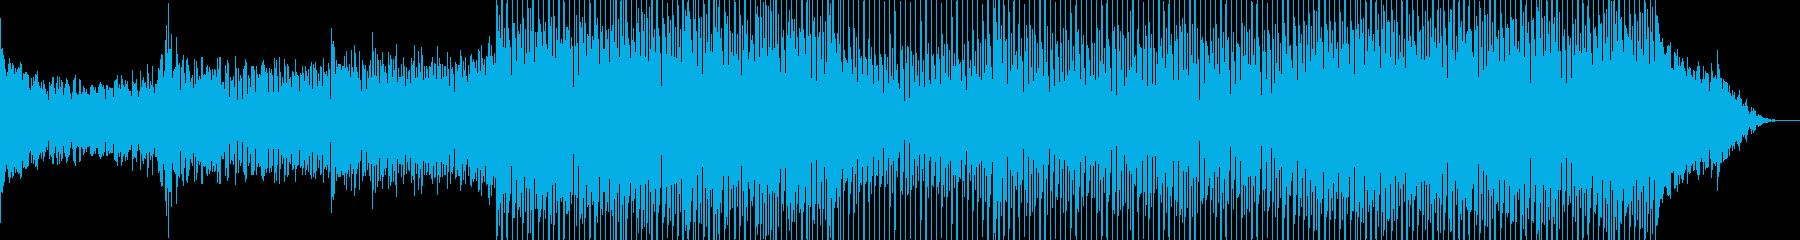 現代的で都会的なクラブ系EDM-13の再生済みの波形